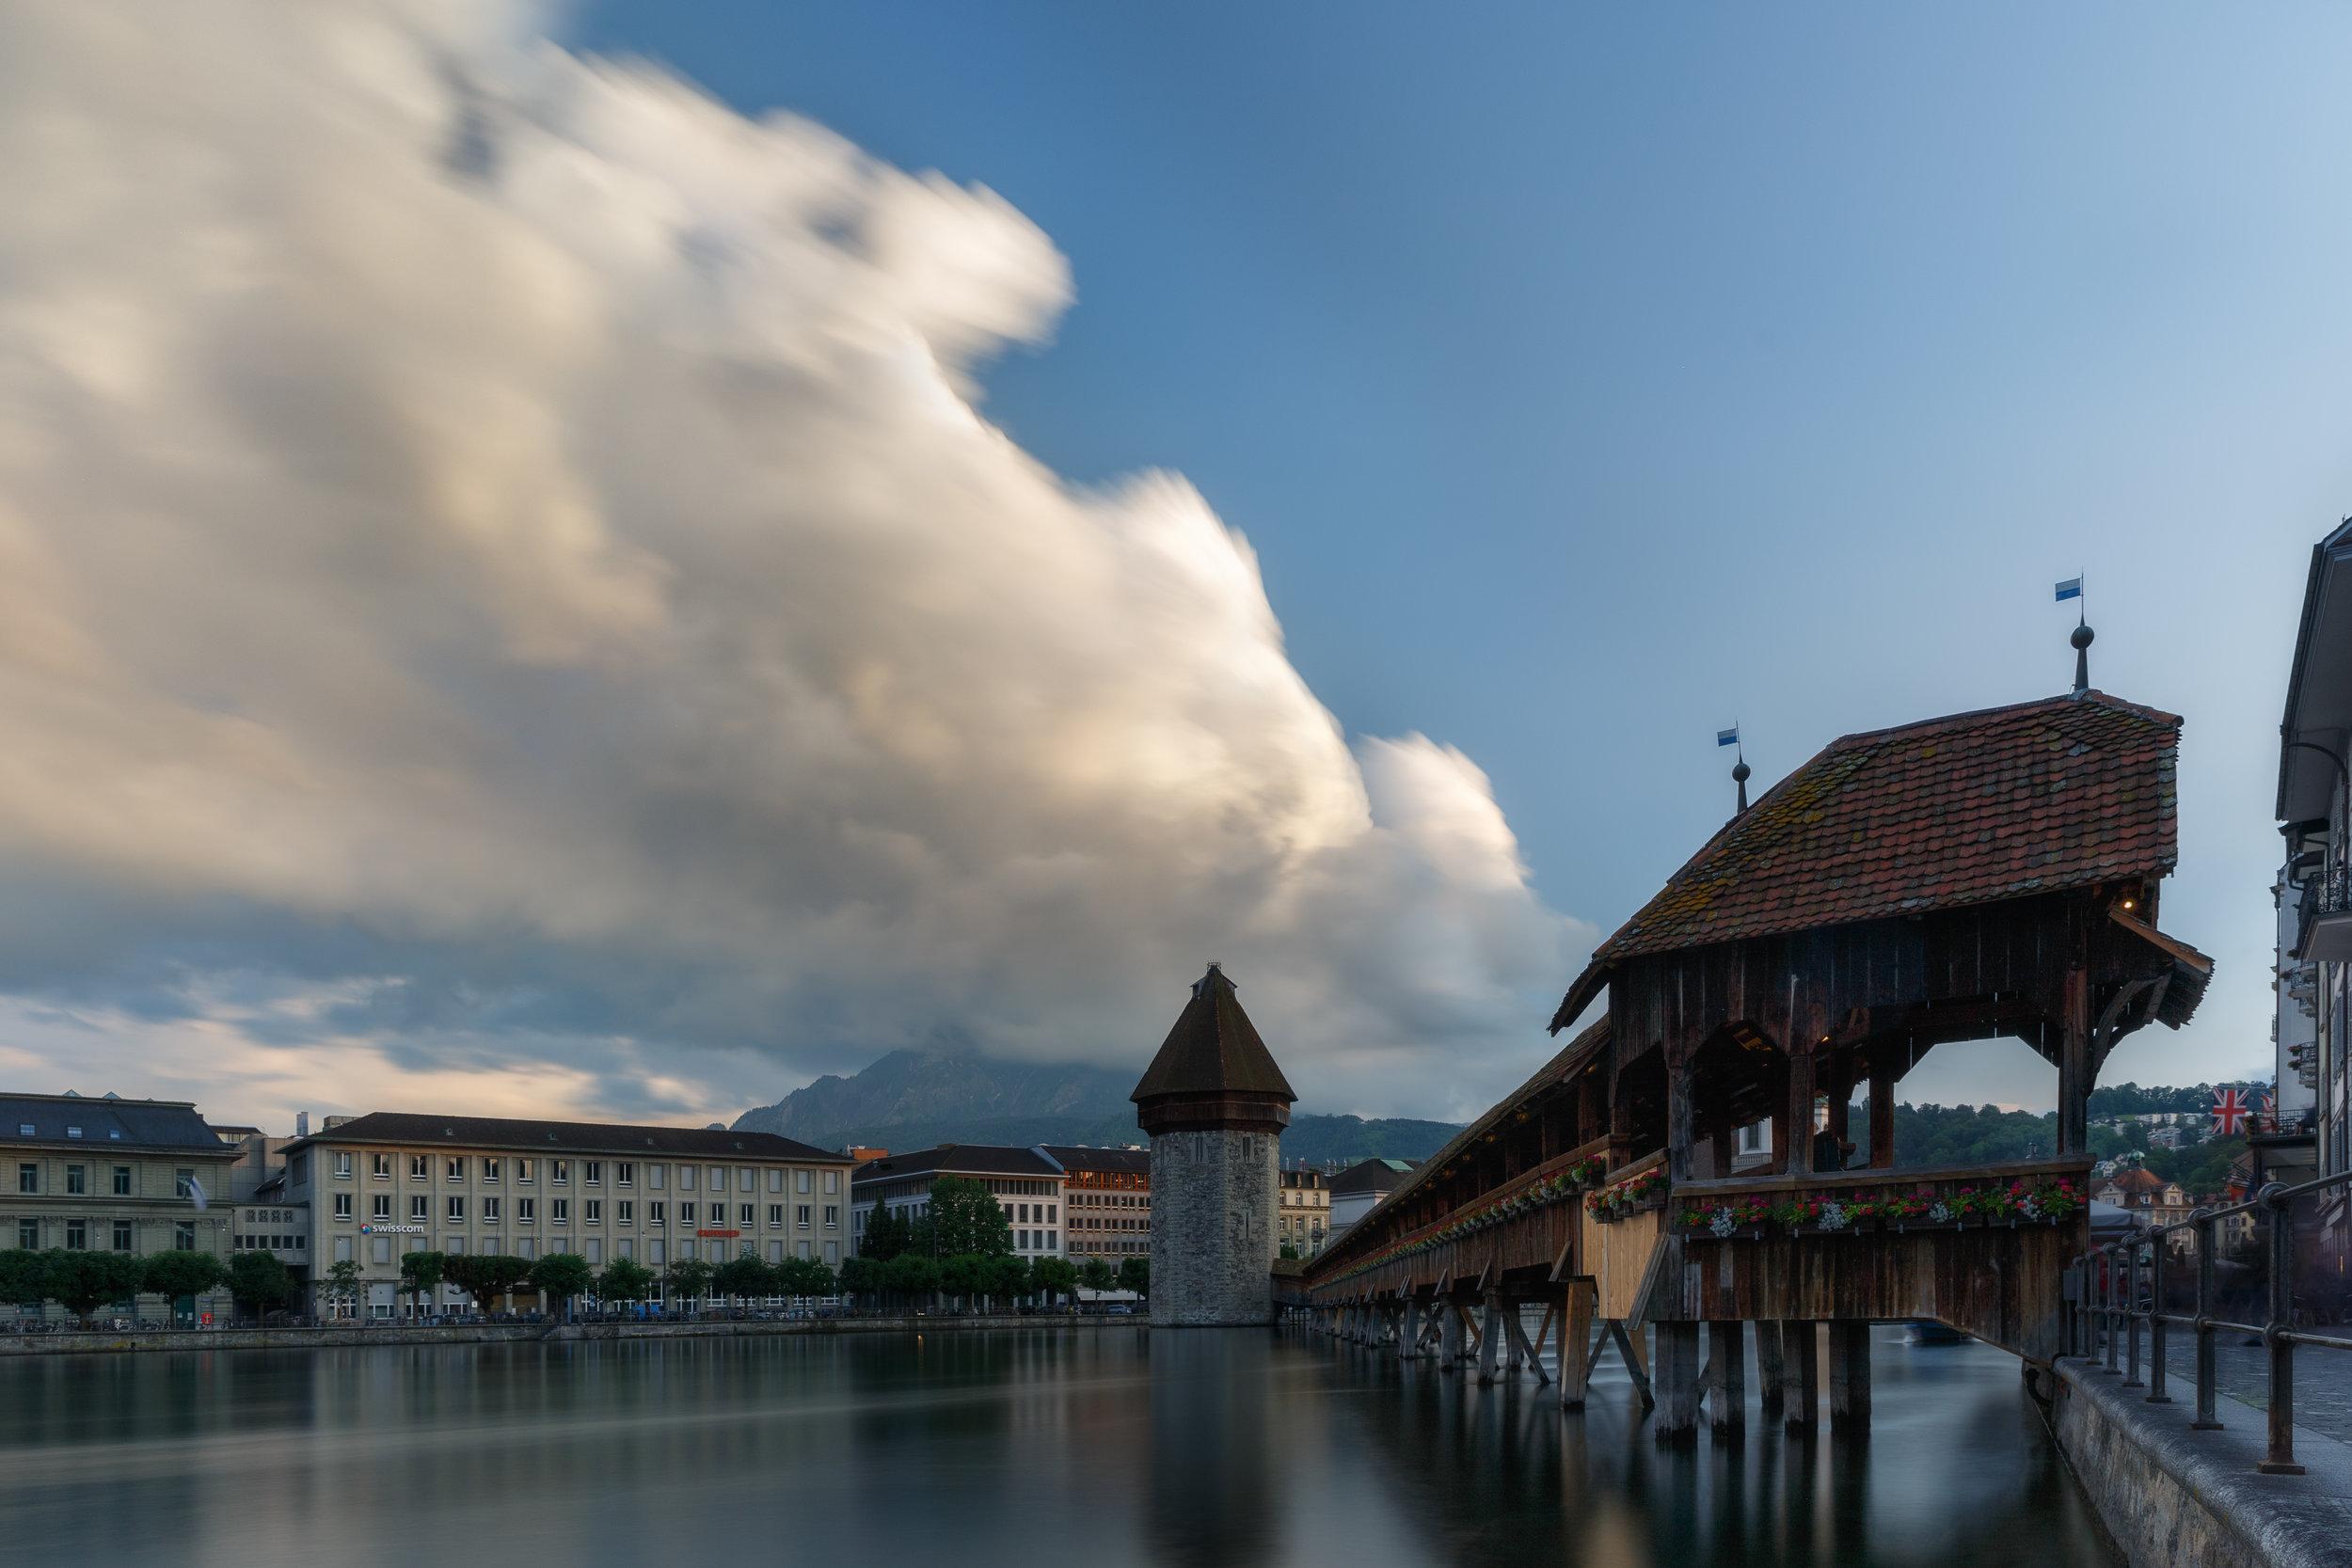 Summer storms over Lucerne